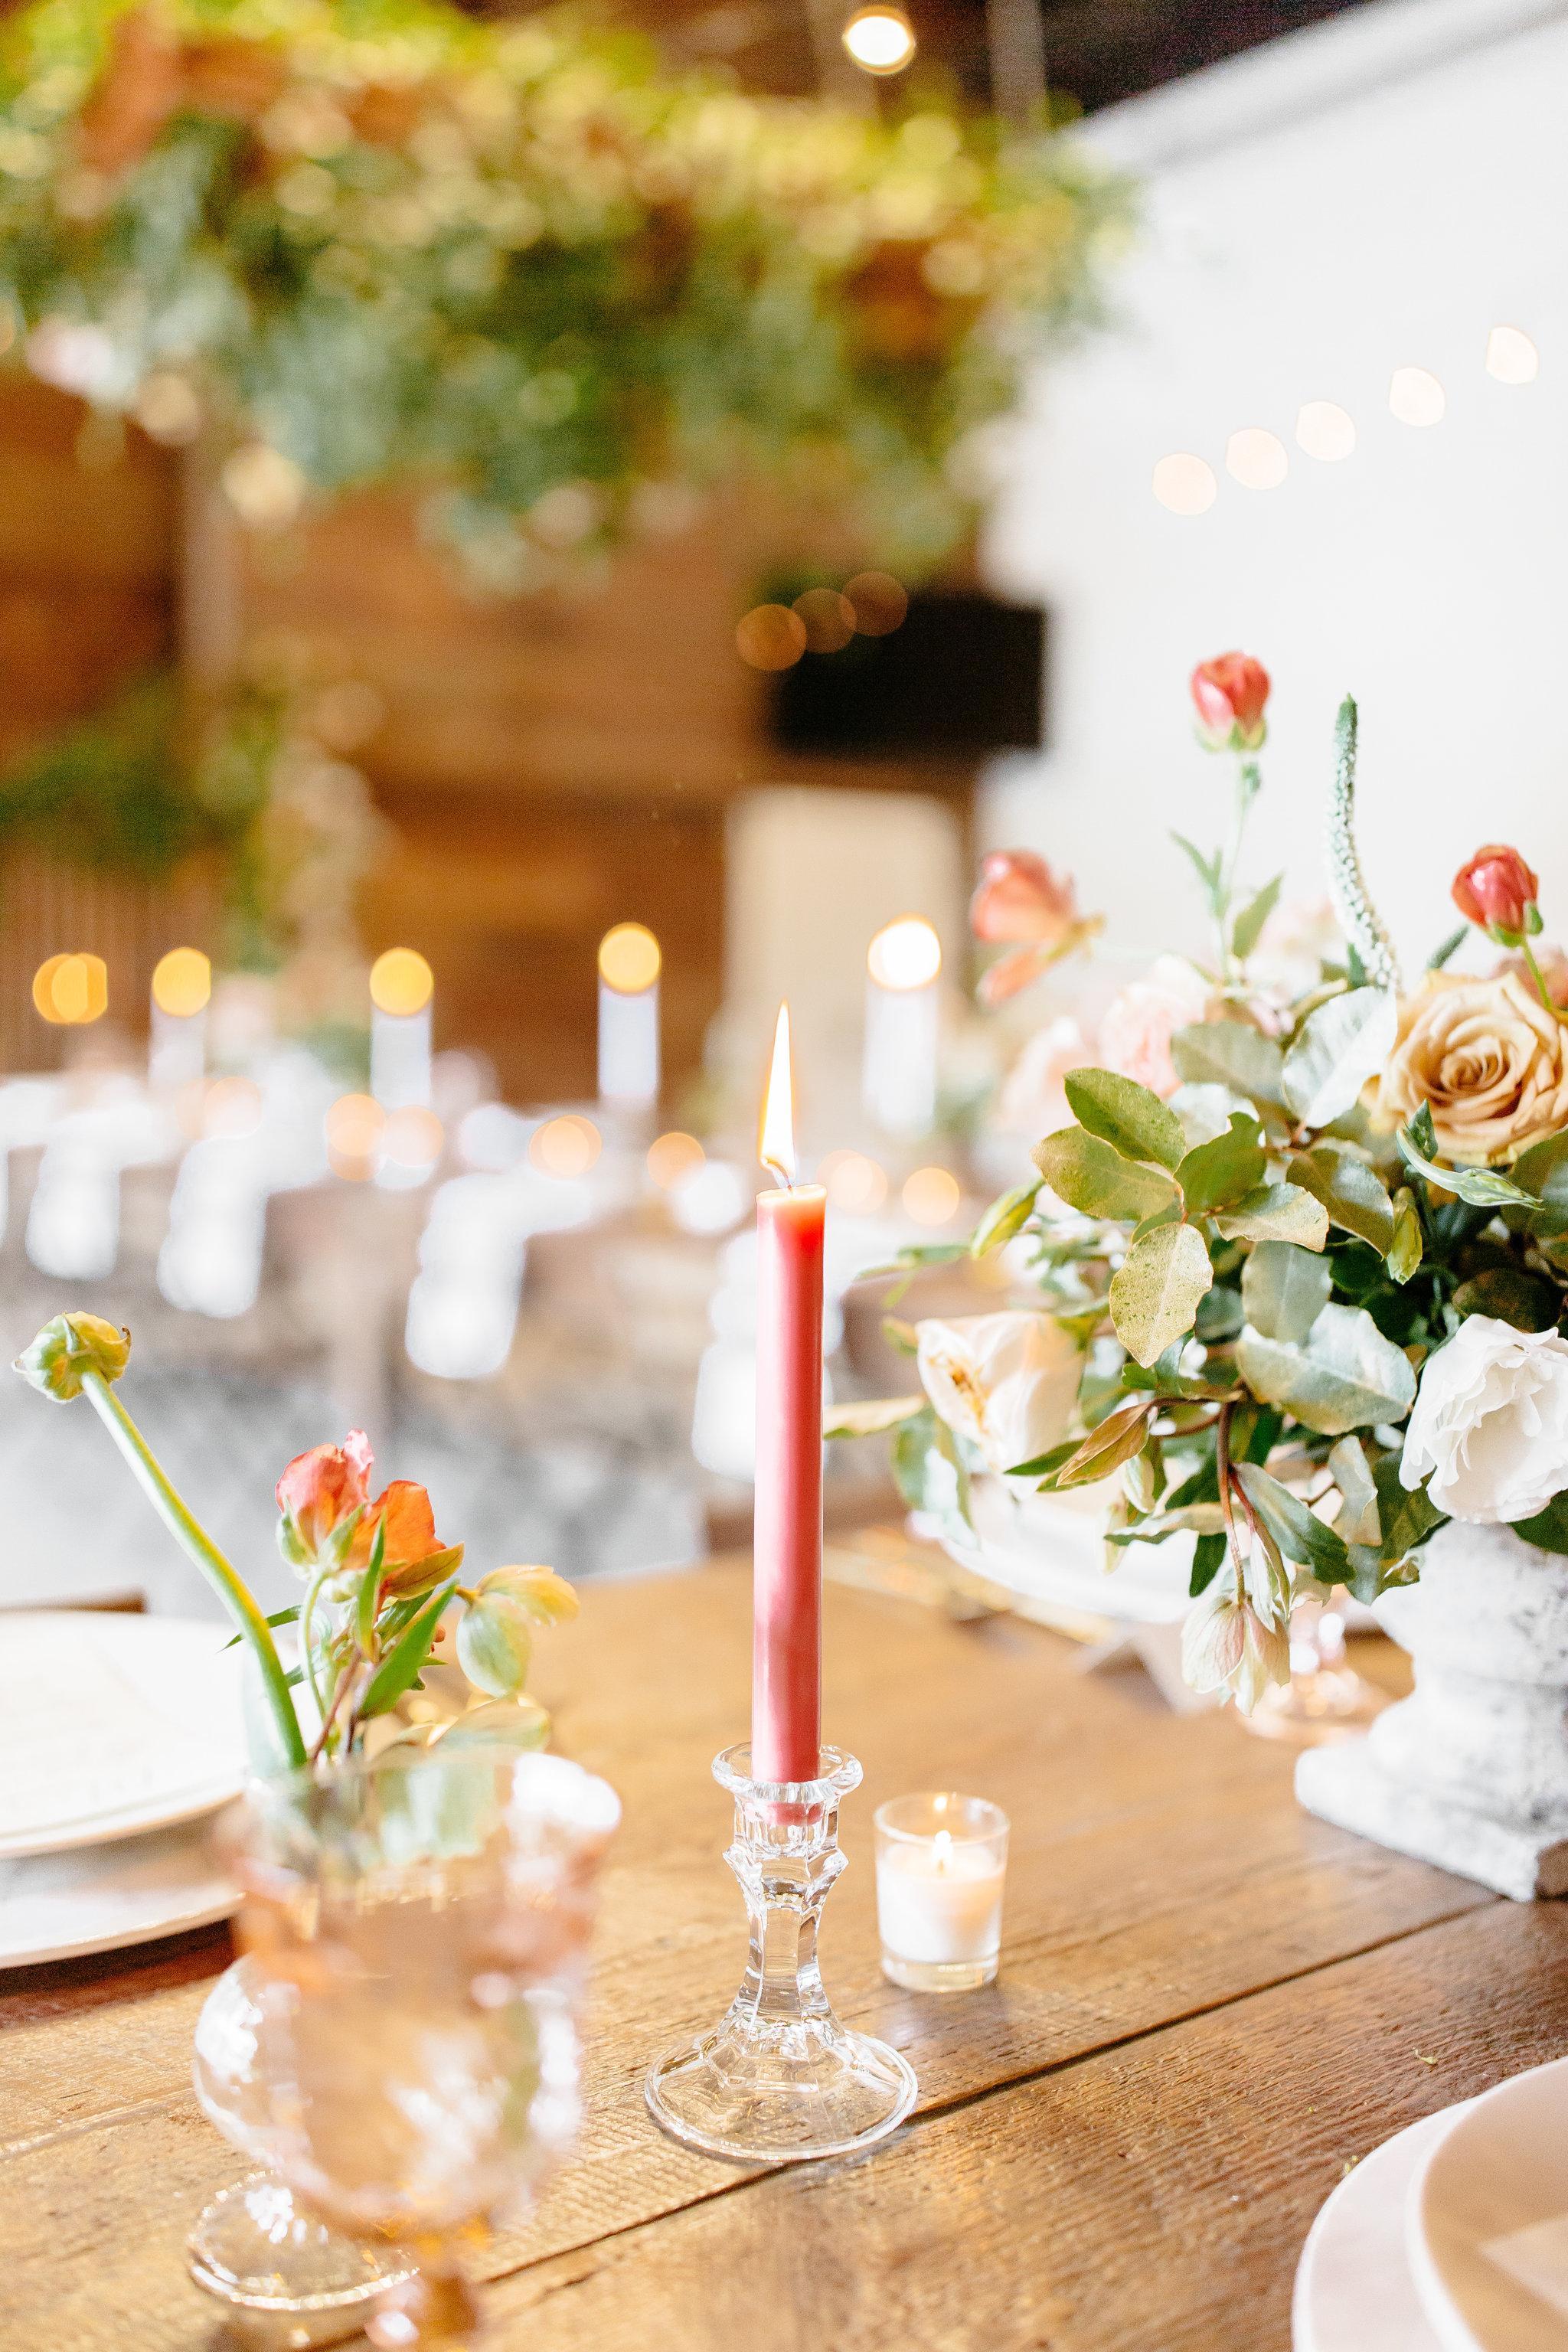 Alexa-Vossler-Photo_Dallas-Wedding-Photographer_Photoshoot-at-the-Station-McKinney_Empower-Event-97.jpg